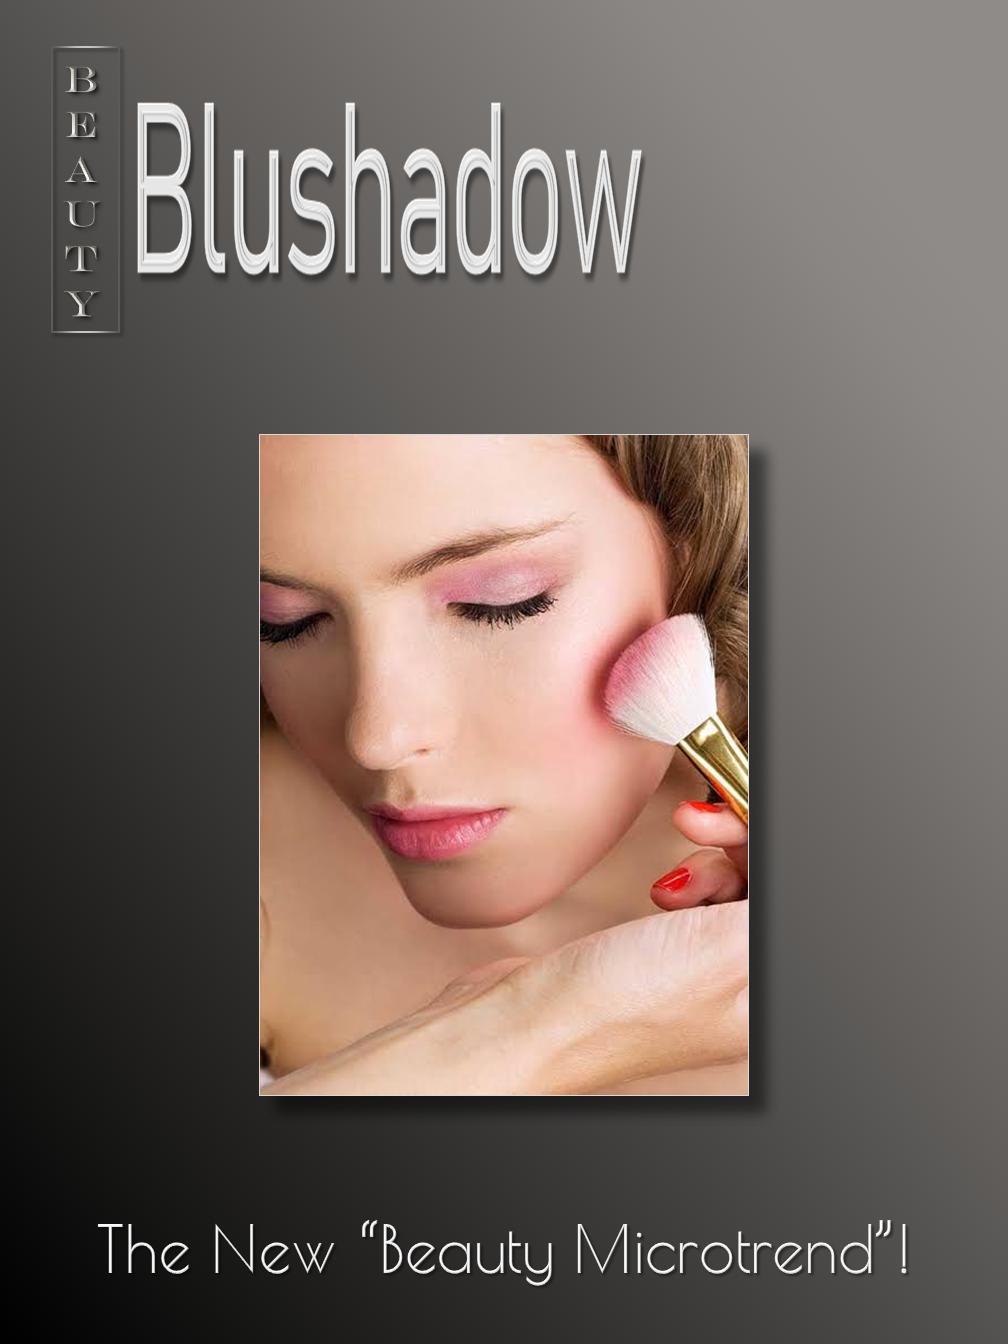 Blushadow